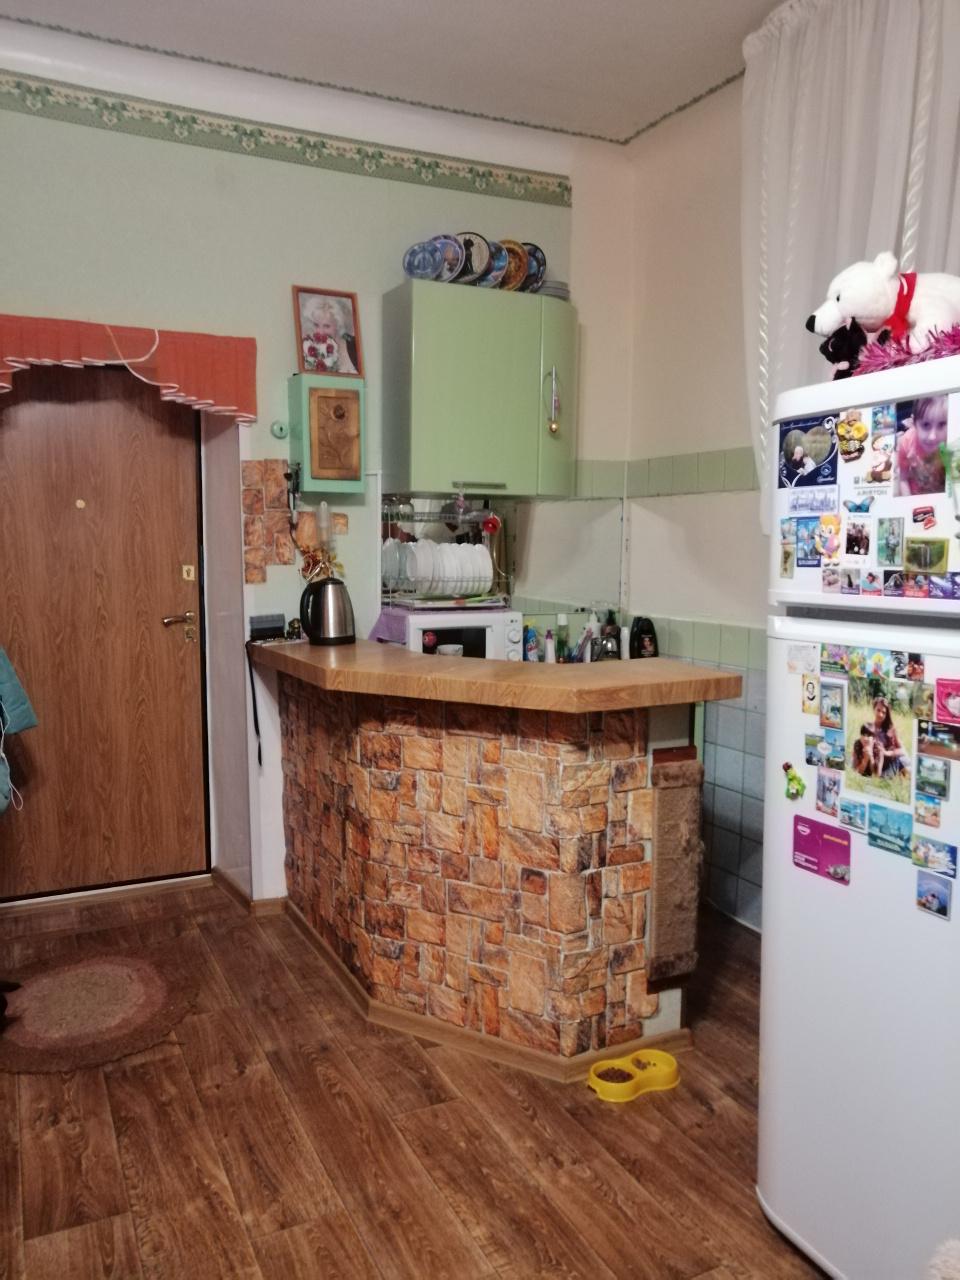 Продажа 1-комнатной квартиры Героя Рябцева ул., 2, Нижний Новгород